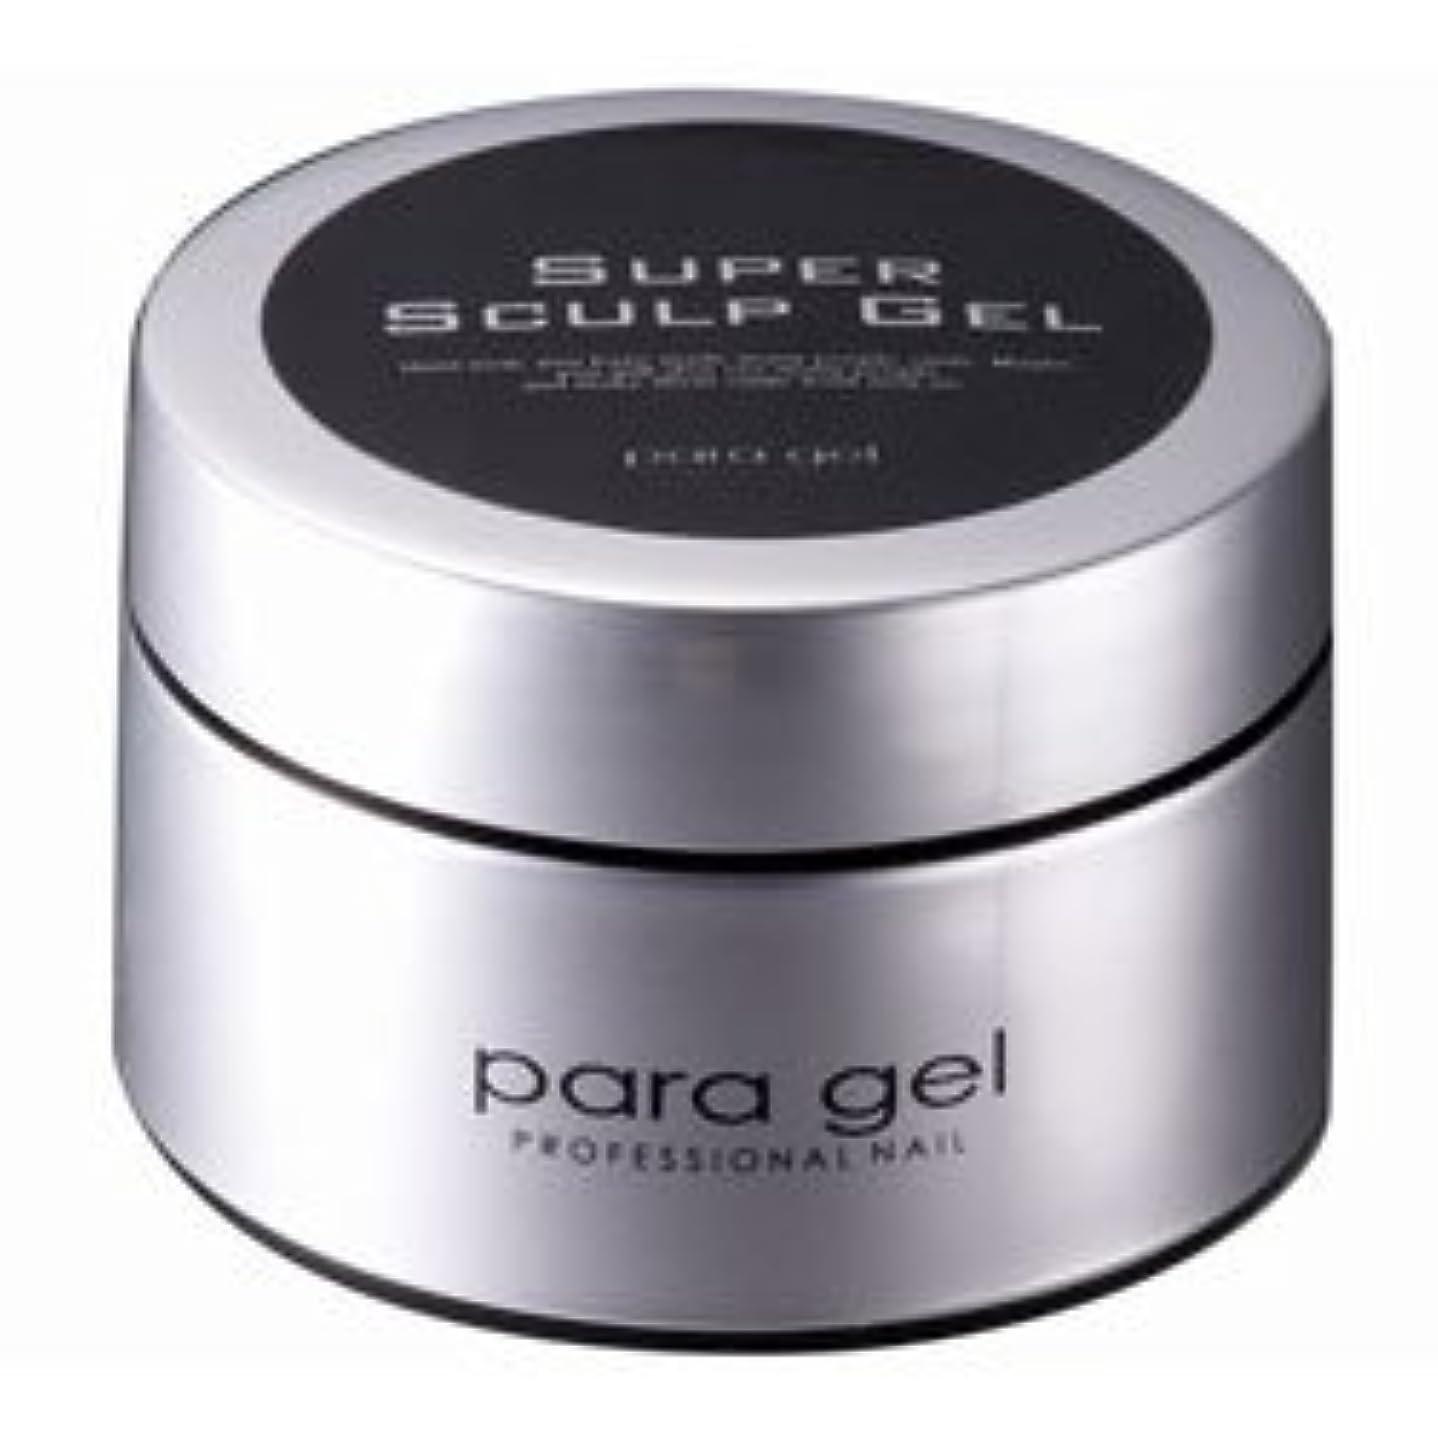 再び船上それら★para gel(パラジェル) <BR>スーパースカルプジェル クリア 25g